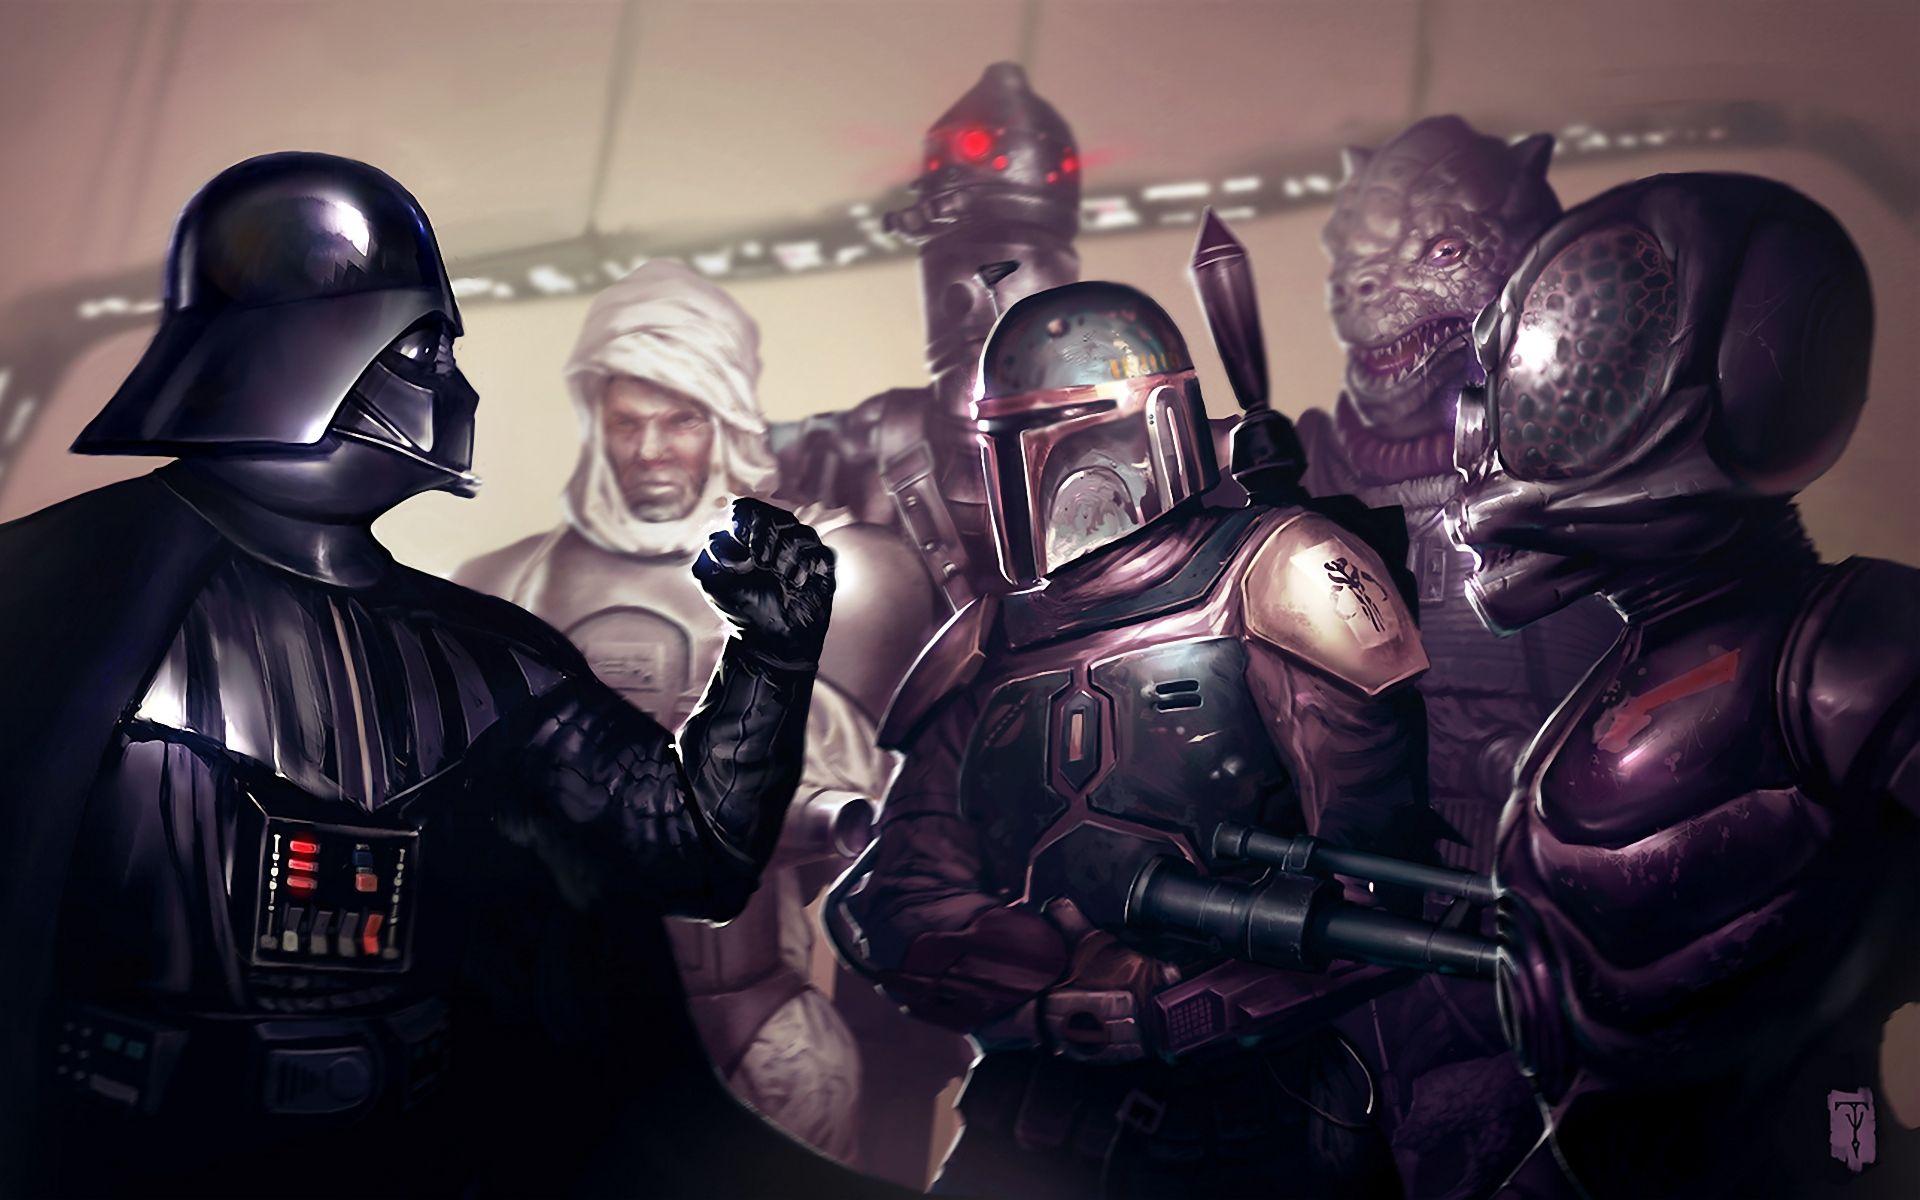 Sci Fi Star Wars Bossk Darth Vader Boba Fett Bounty Hunter